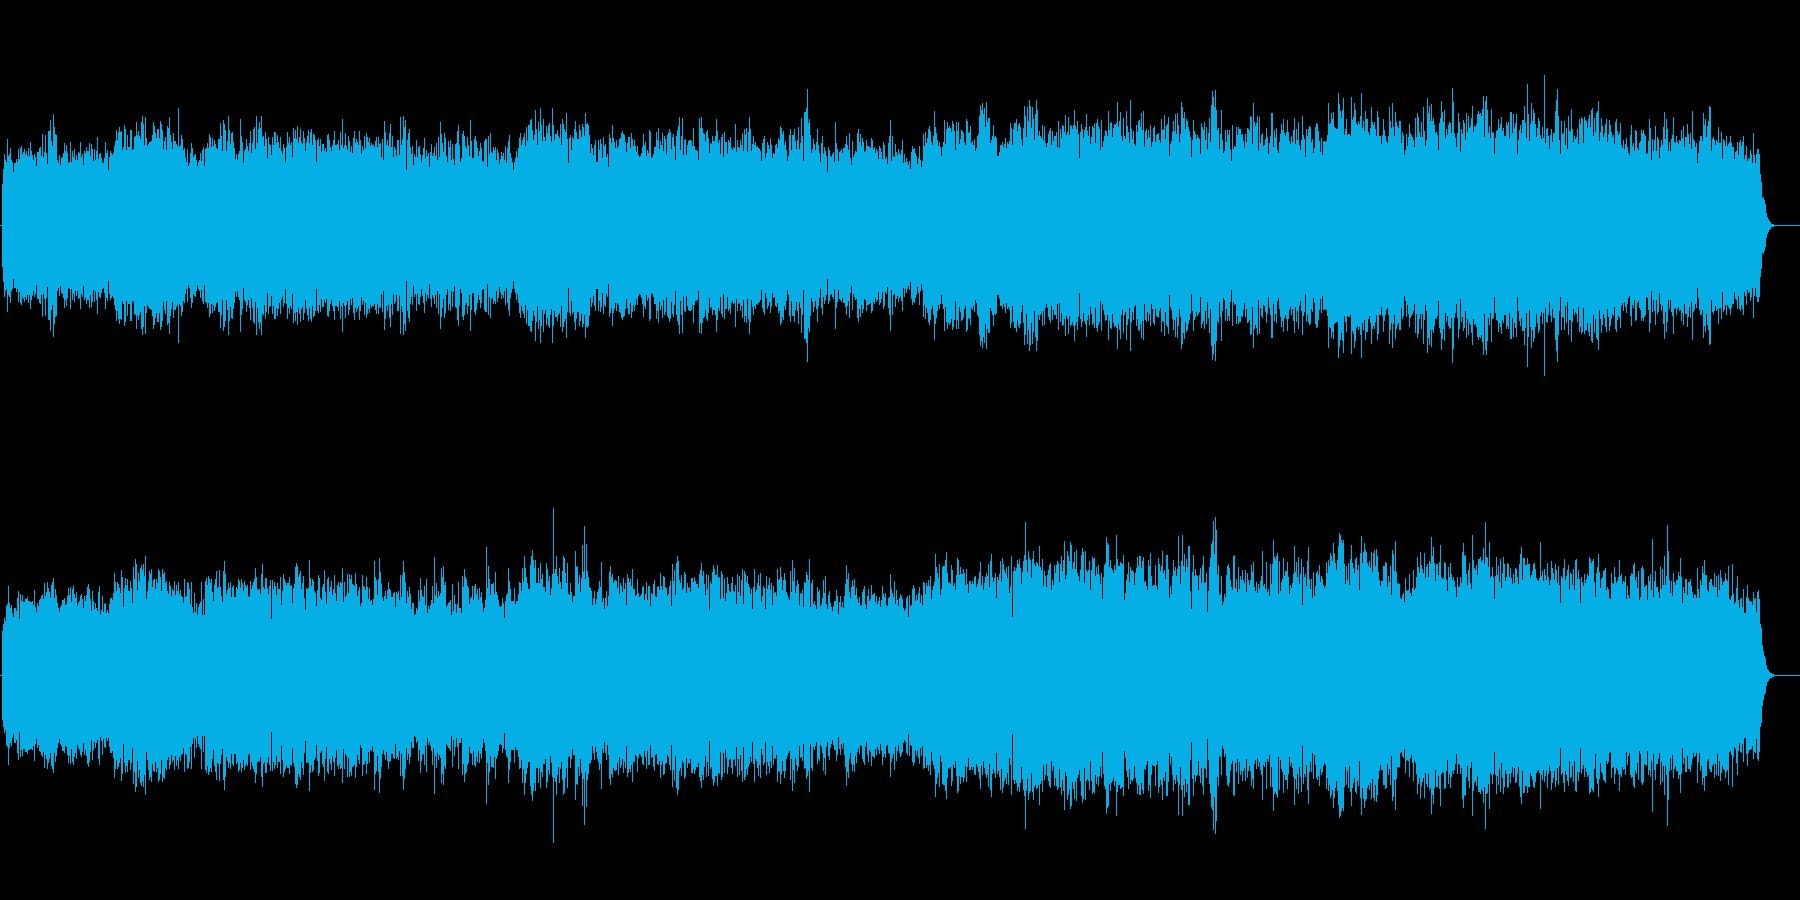 リラクセイション系 浮遊感サウンドの再生済みの波形